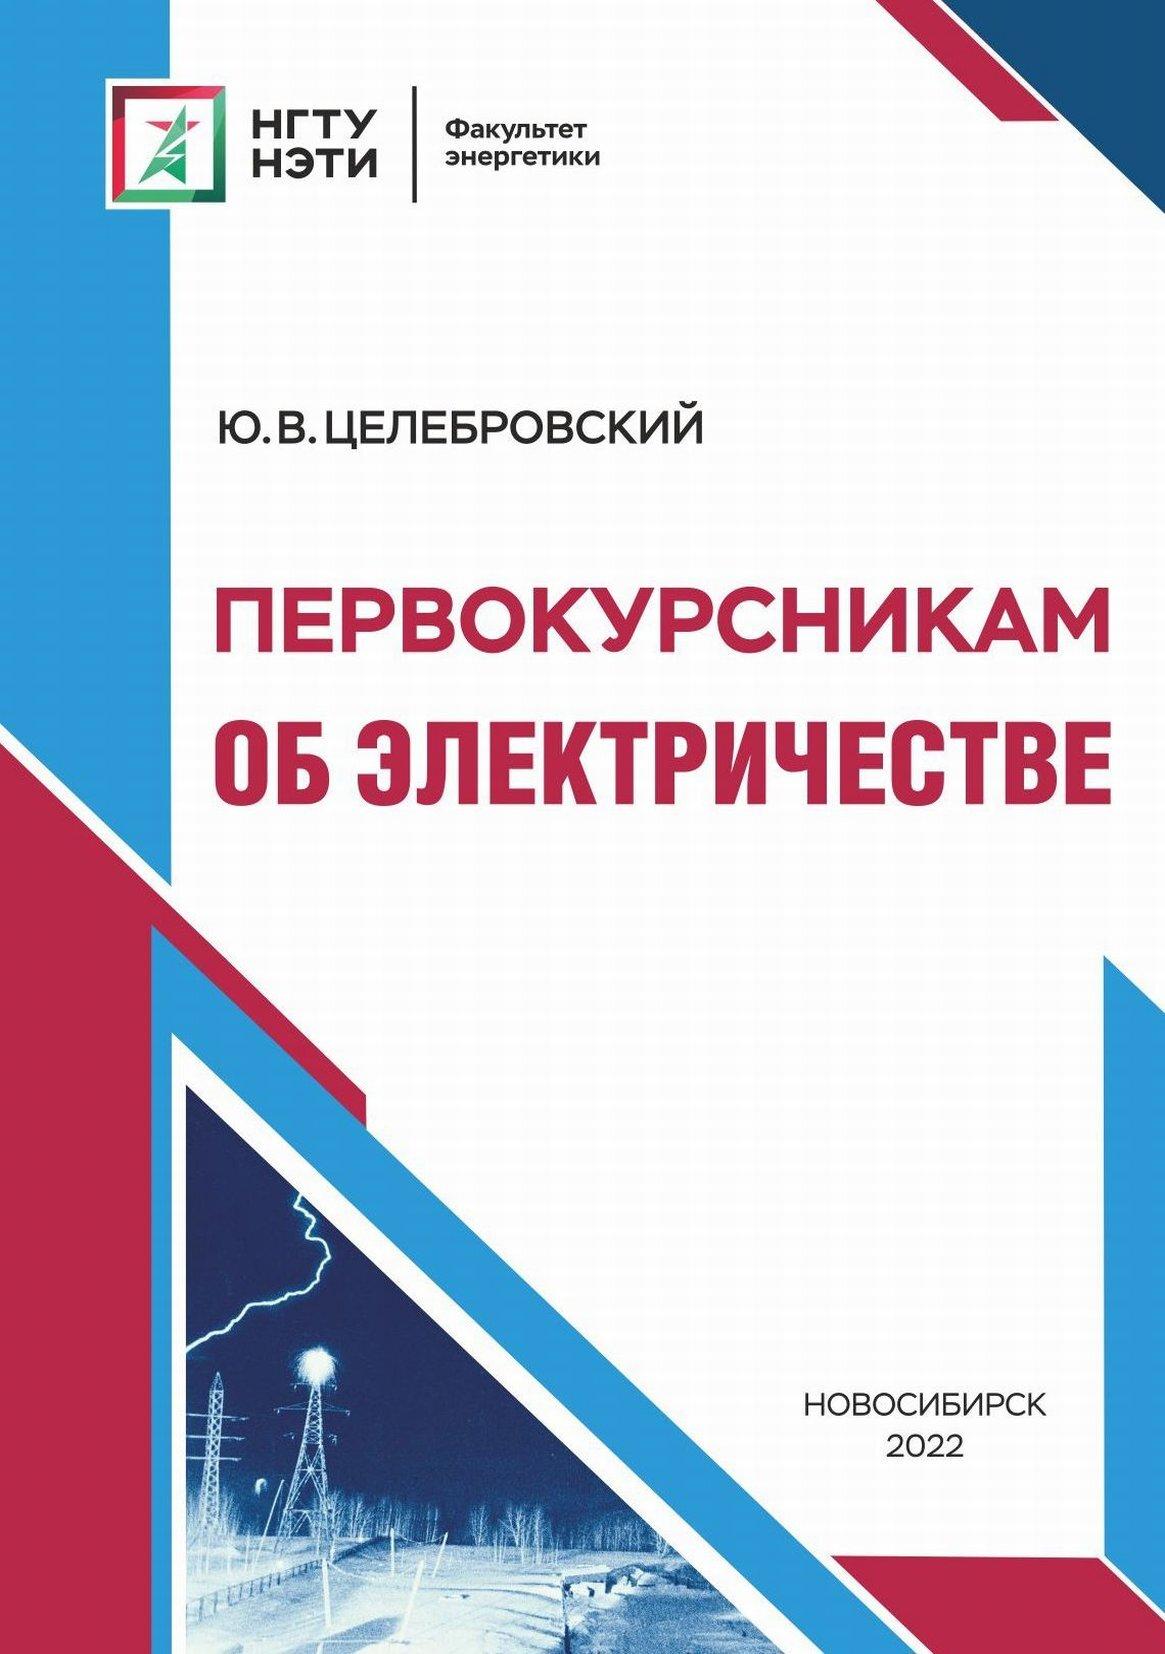 Юрий Целебровский Первокурсникам об электричестве юрий целебровский первокурсникам об электричестве isbn 978 5 7782 3015 6